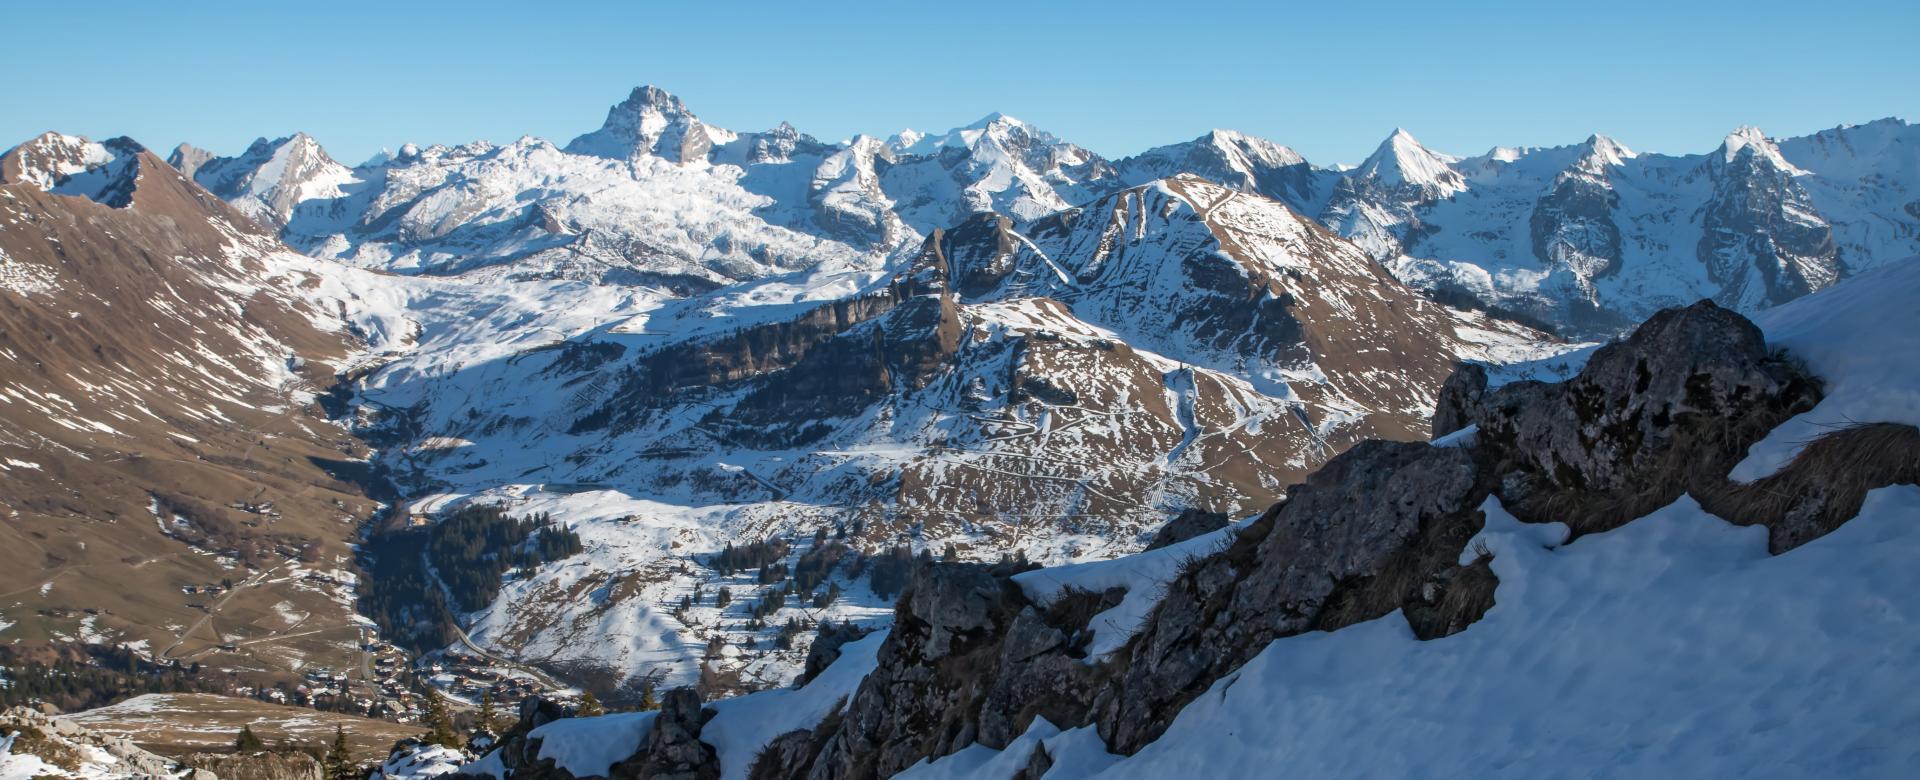 Voyage à la neige : Les aravis en traversée